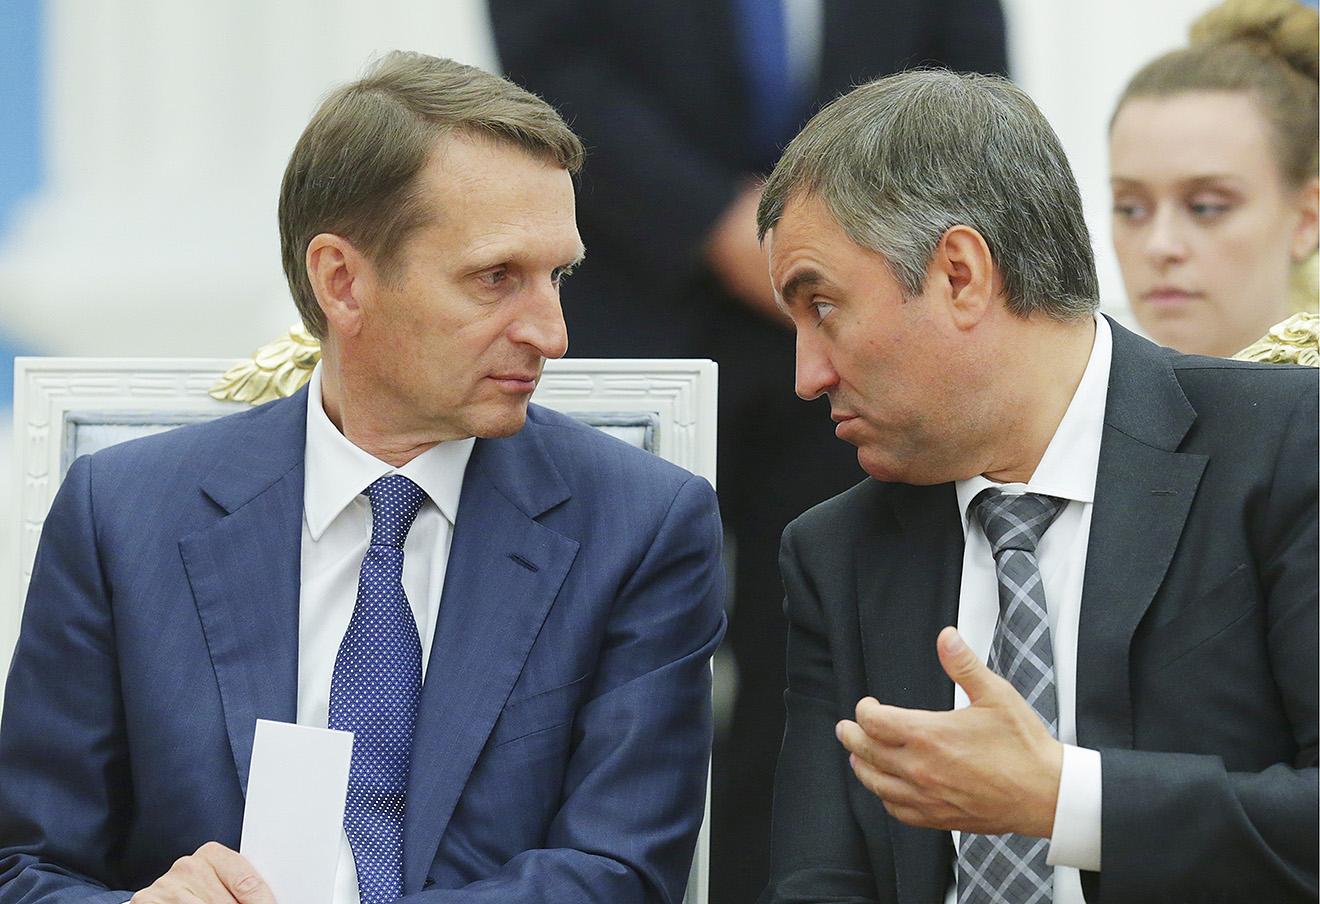 Сергей Нарышкин и Вячеслав Володин. Фото: Анна Исакова / ТАСС / East News